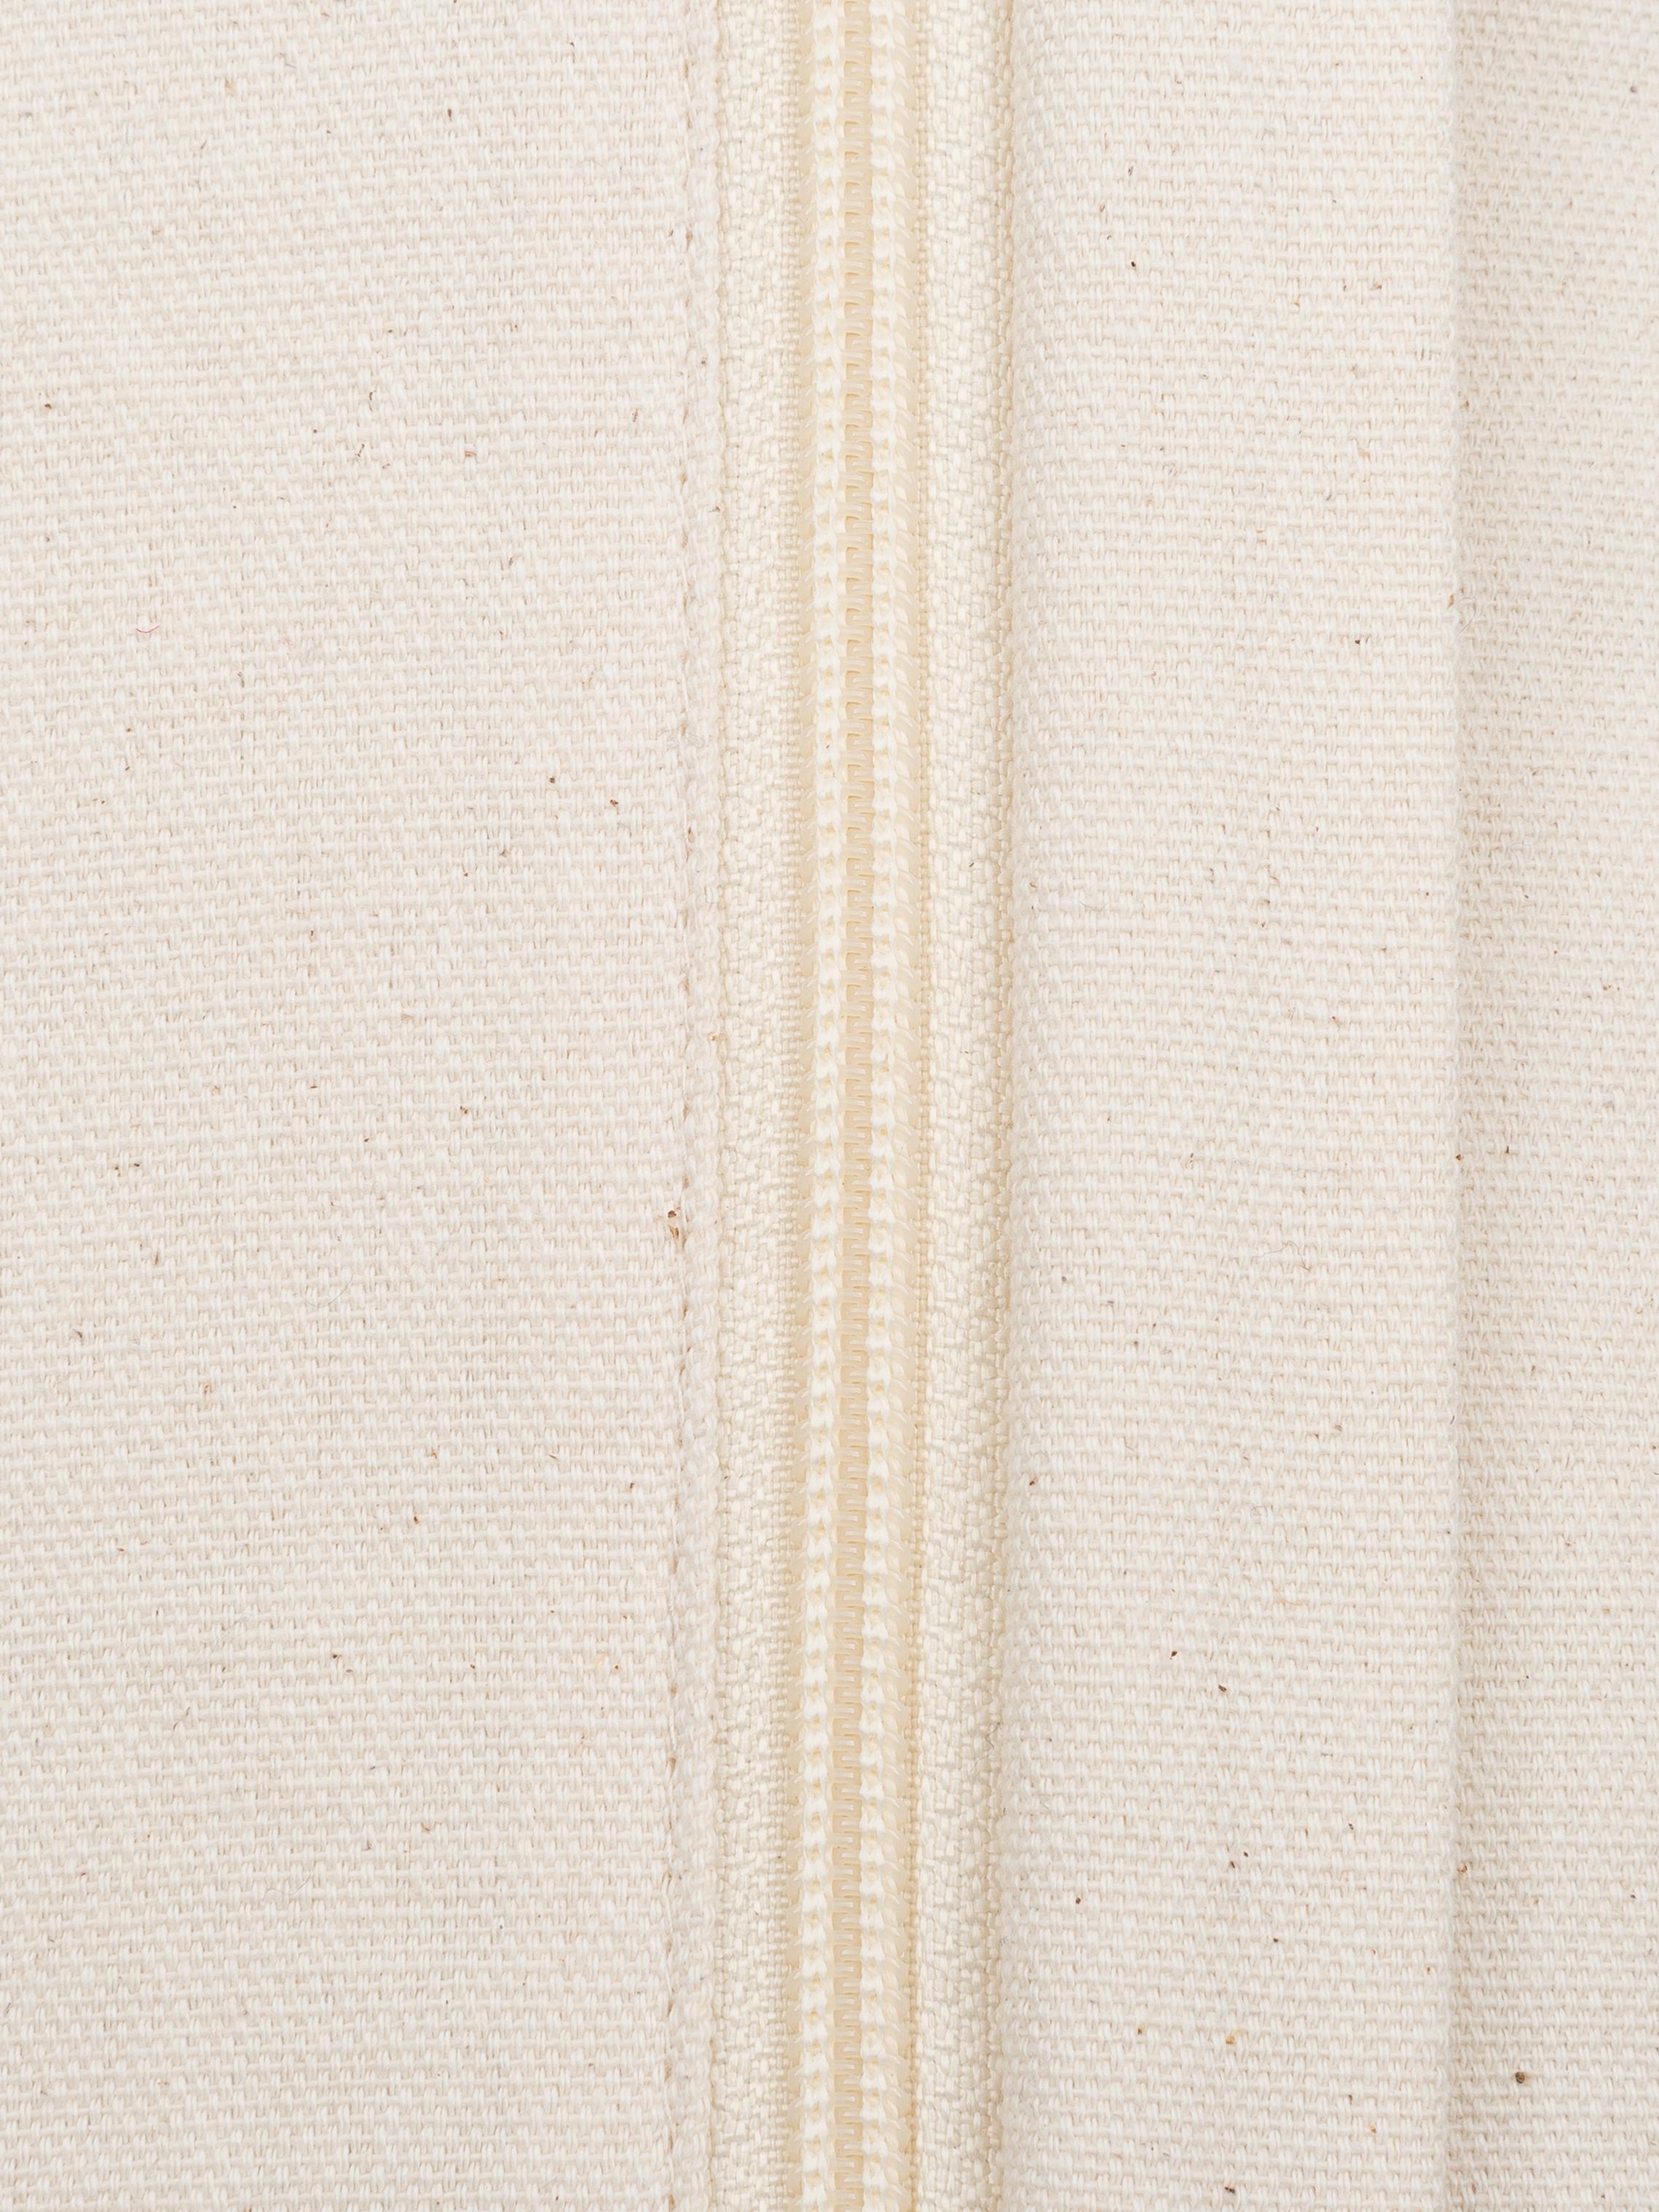 Handgemachtes Kissen Aztec im Boho Style, mit Inlett, Hülle: 100% Baumwolle, Braun, Dunkelblau, Creme, 40 x 60 cm